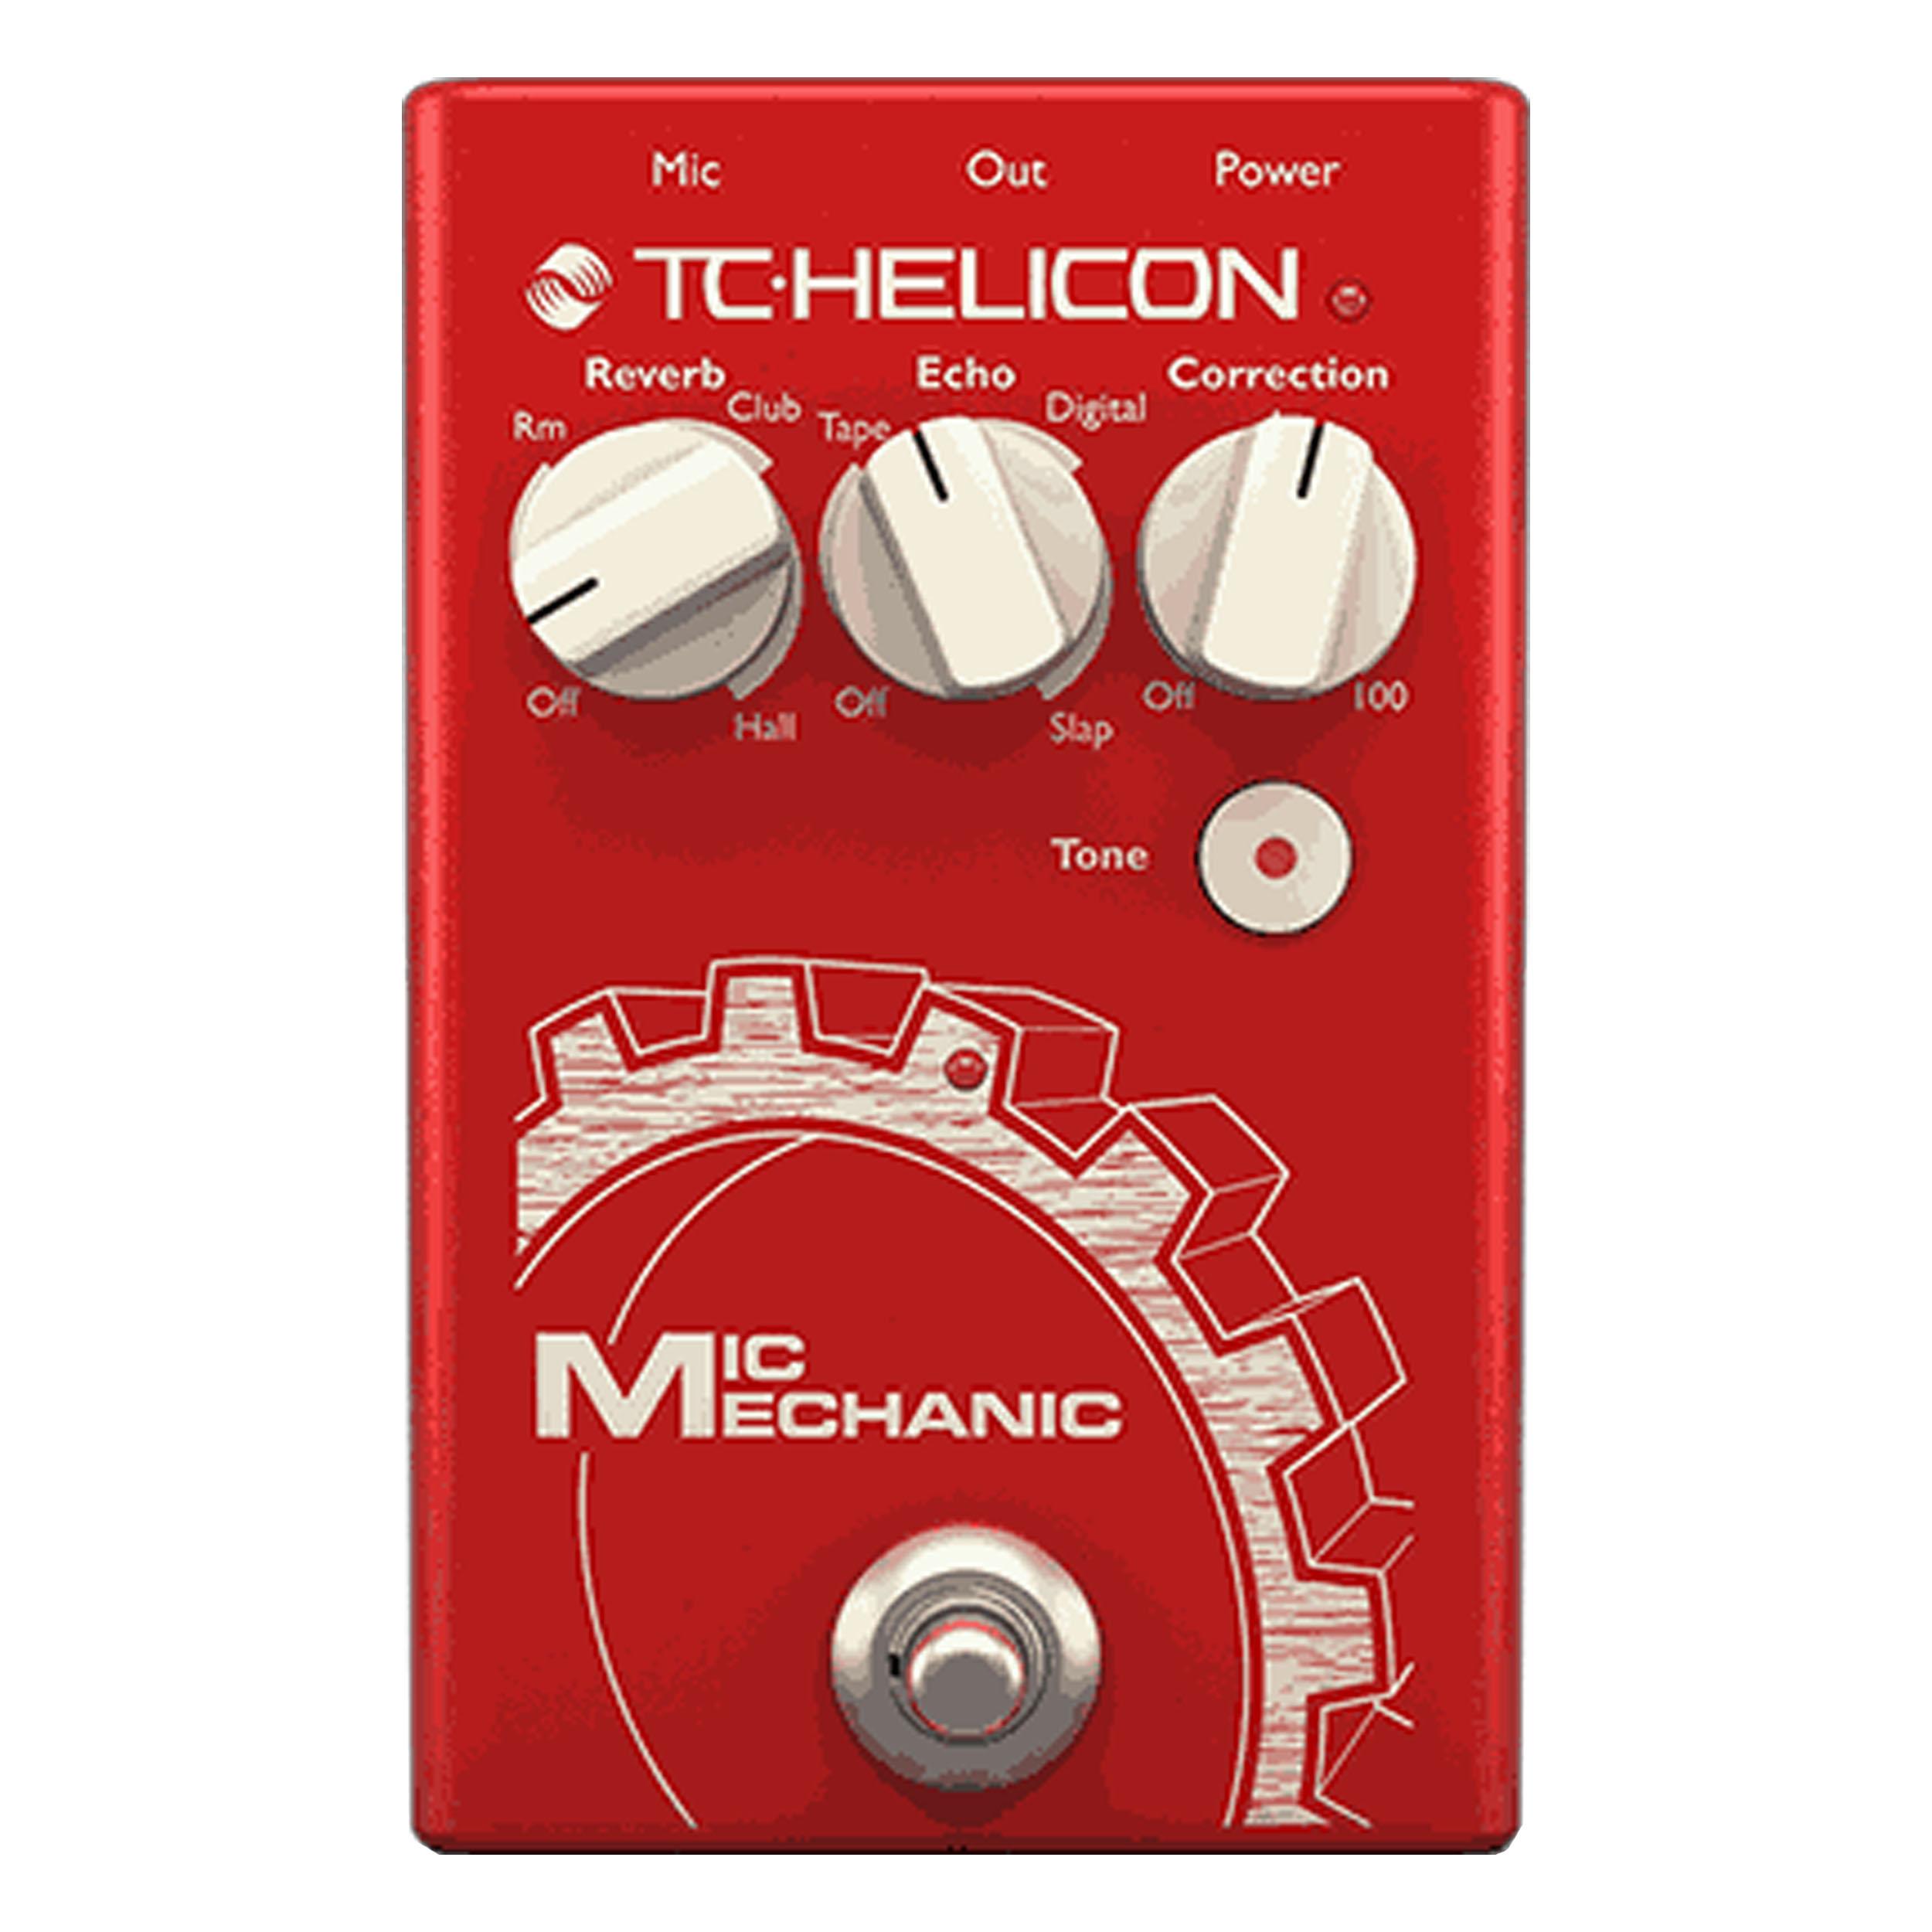 T.C. Helicon Mic Mechanic 2